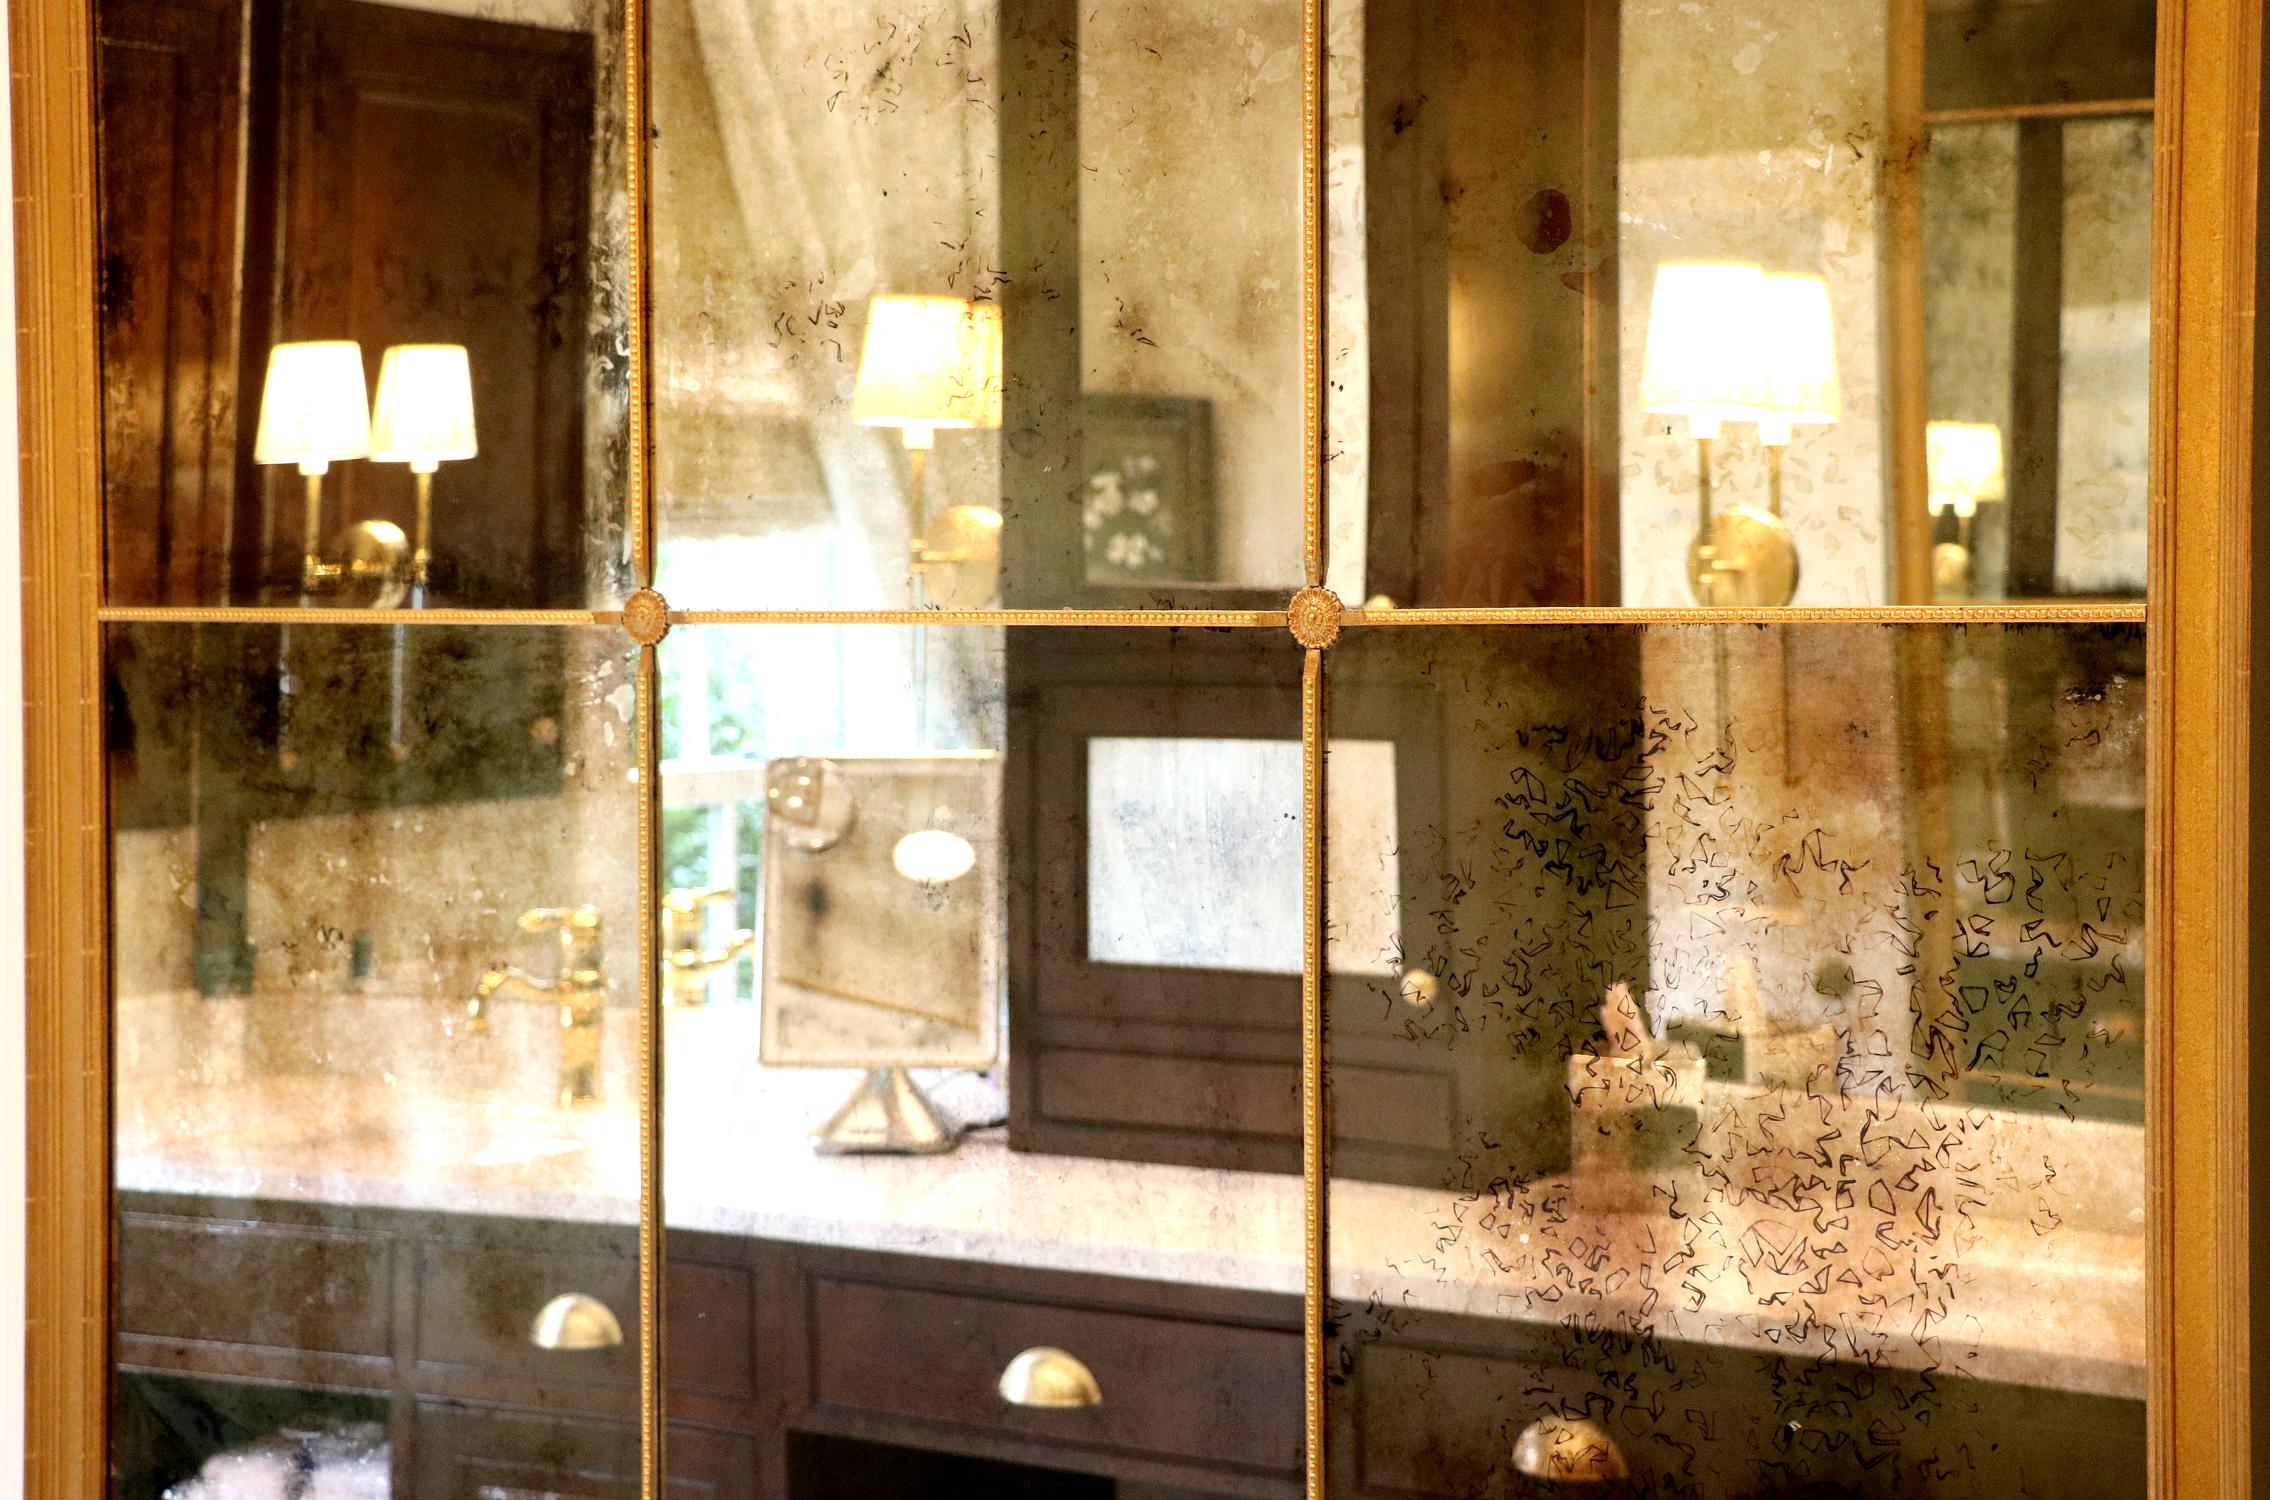 needham antiqued mirror 2